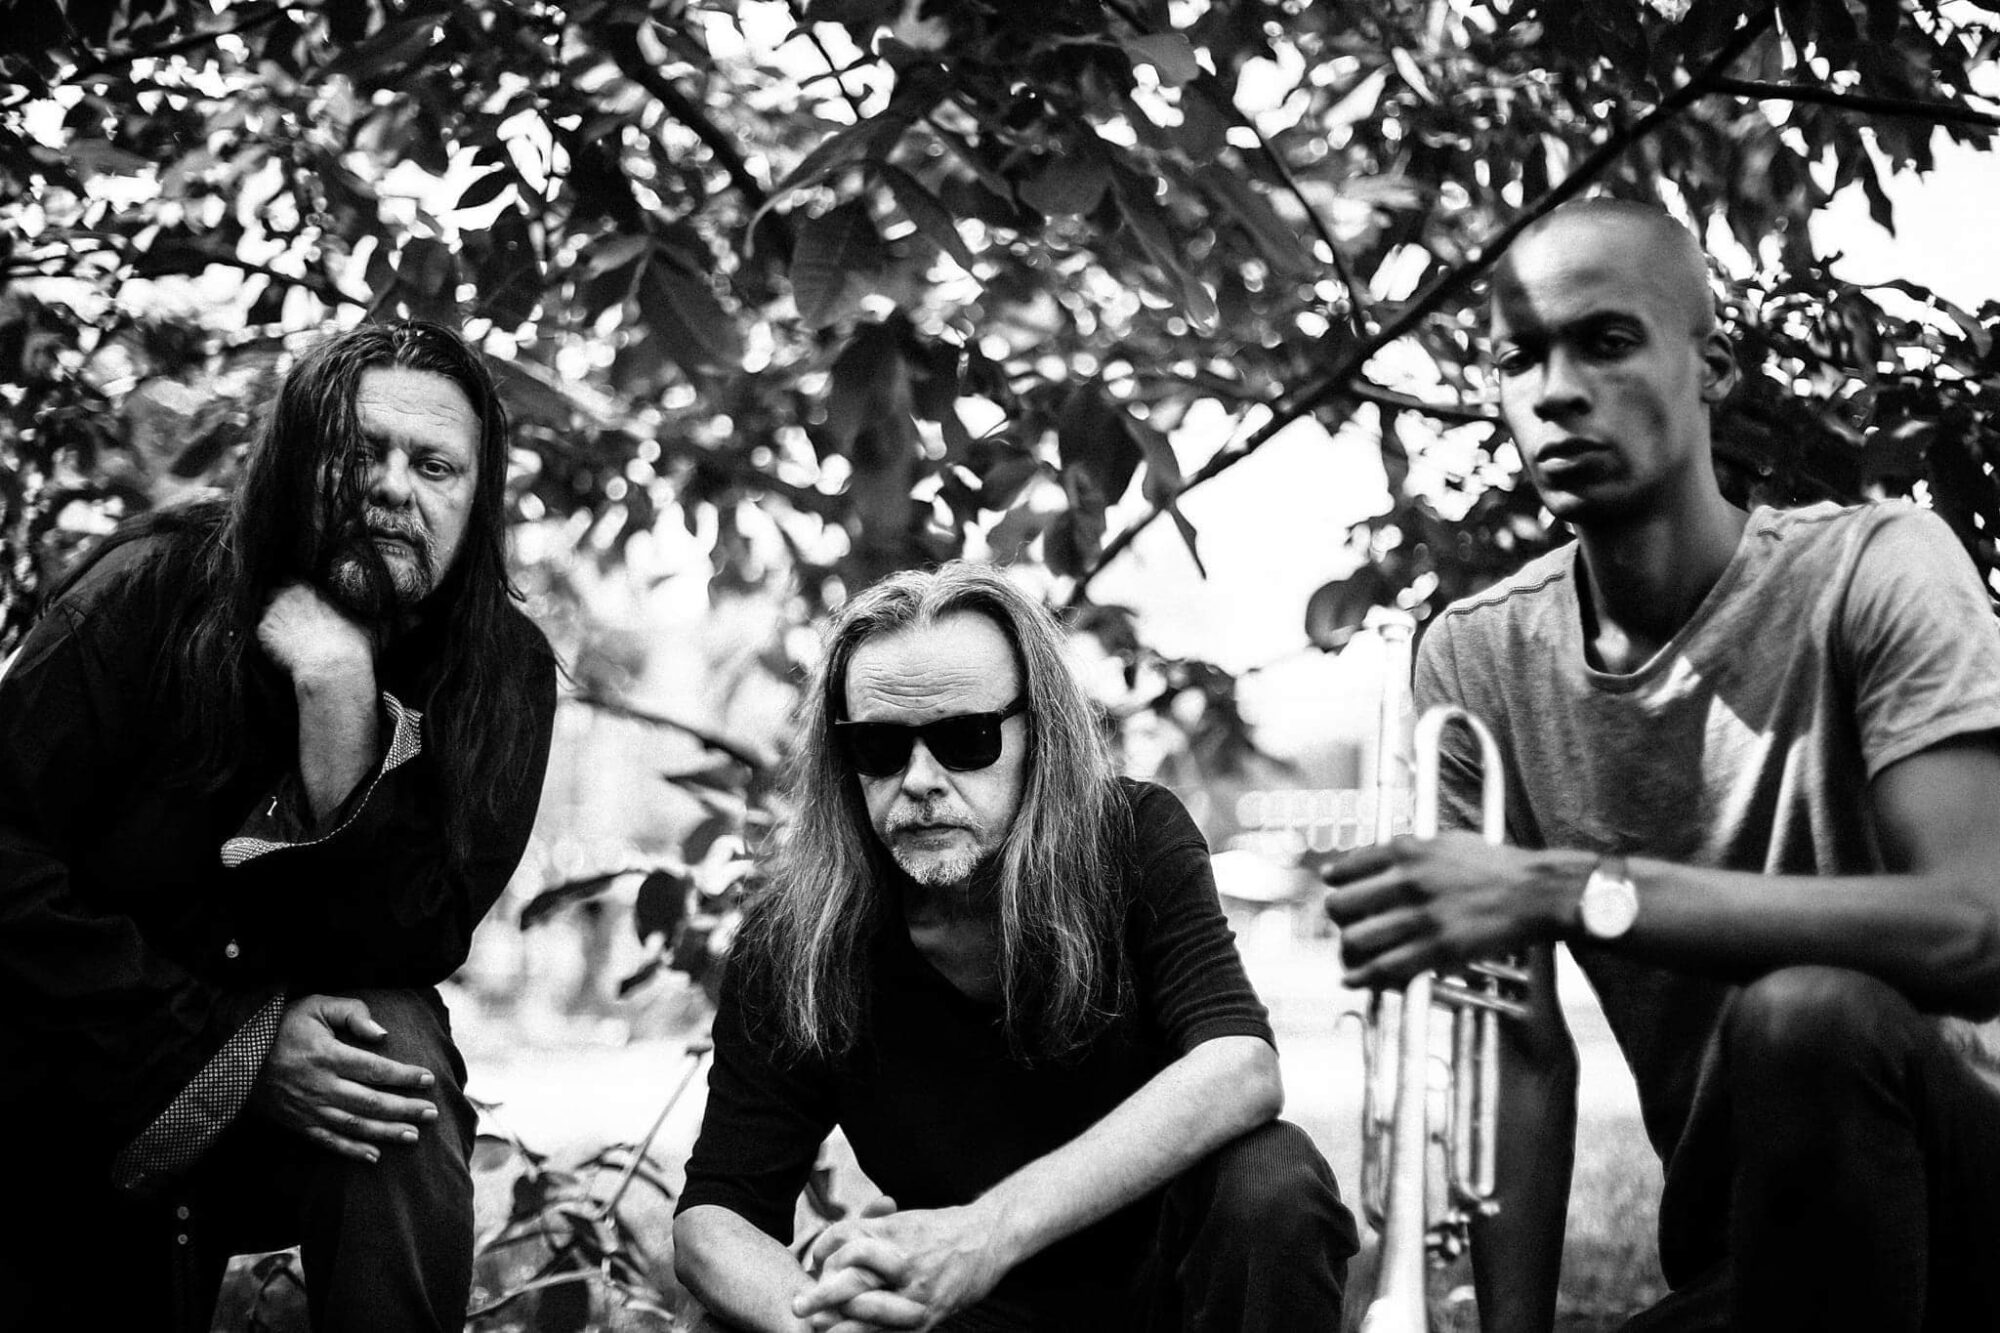 Czarno-biała fotografia przedstawiająca trzech mężczyzn. Mężczyzna z prawej strony trzyma w dłoni trąbkę.